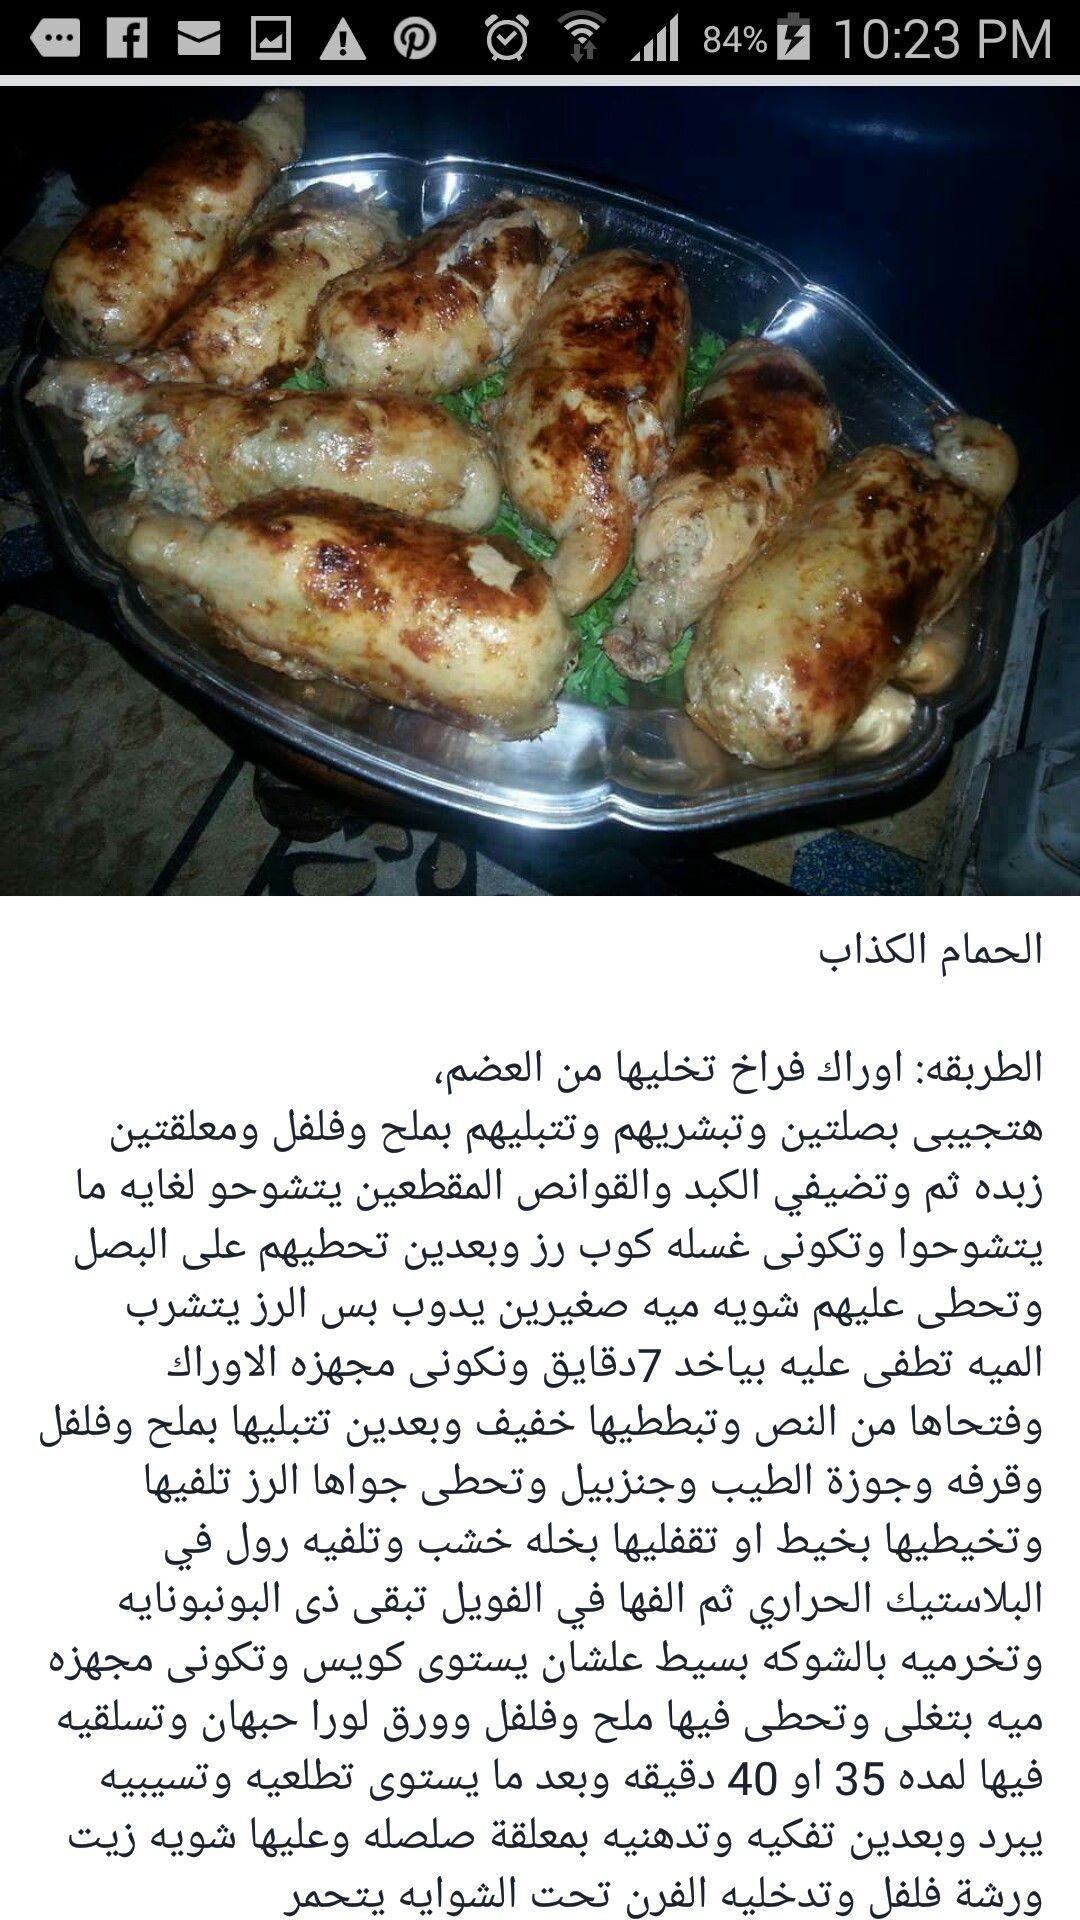 الحمام الكداب Recipes Food Arabic Food